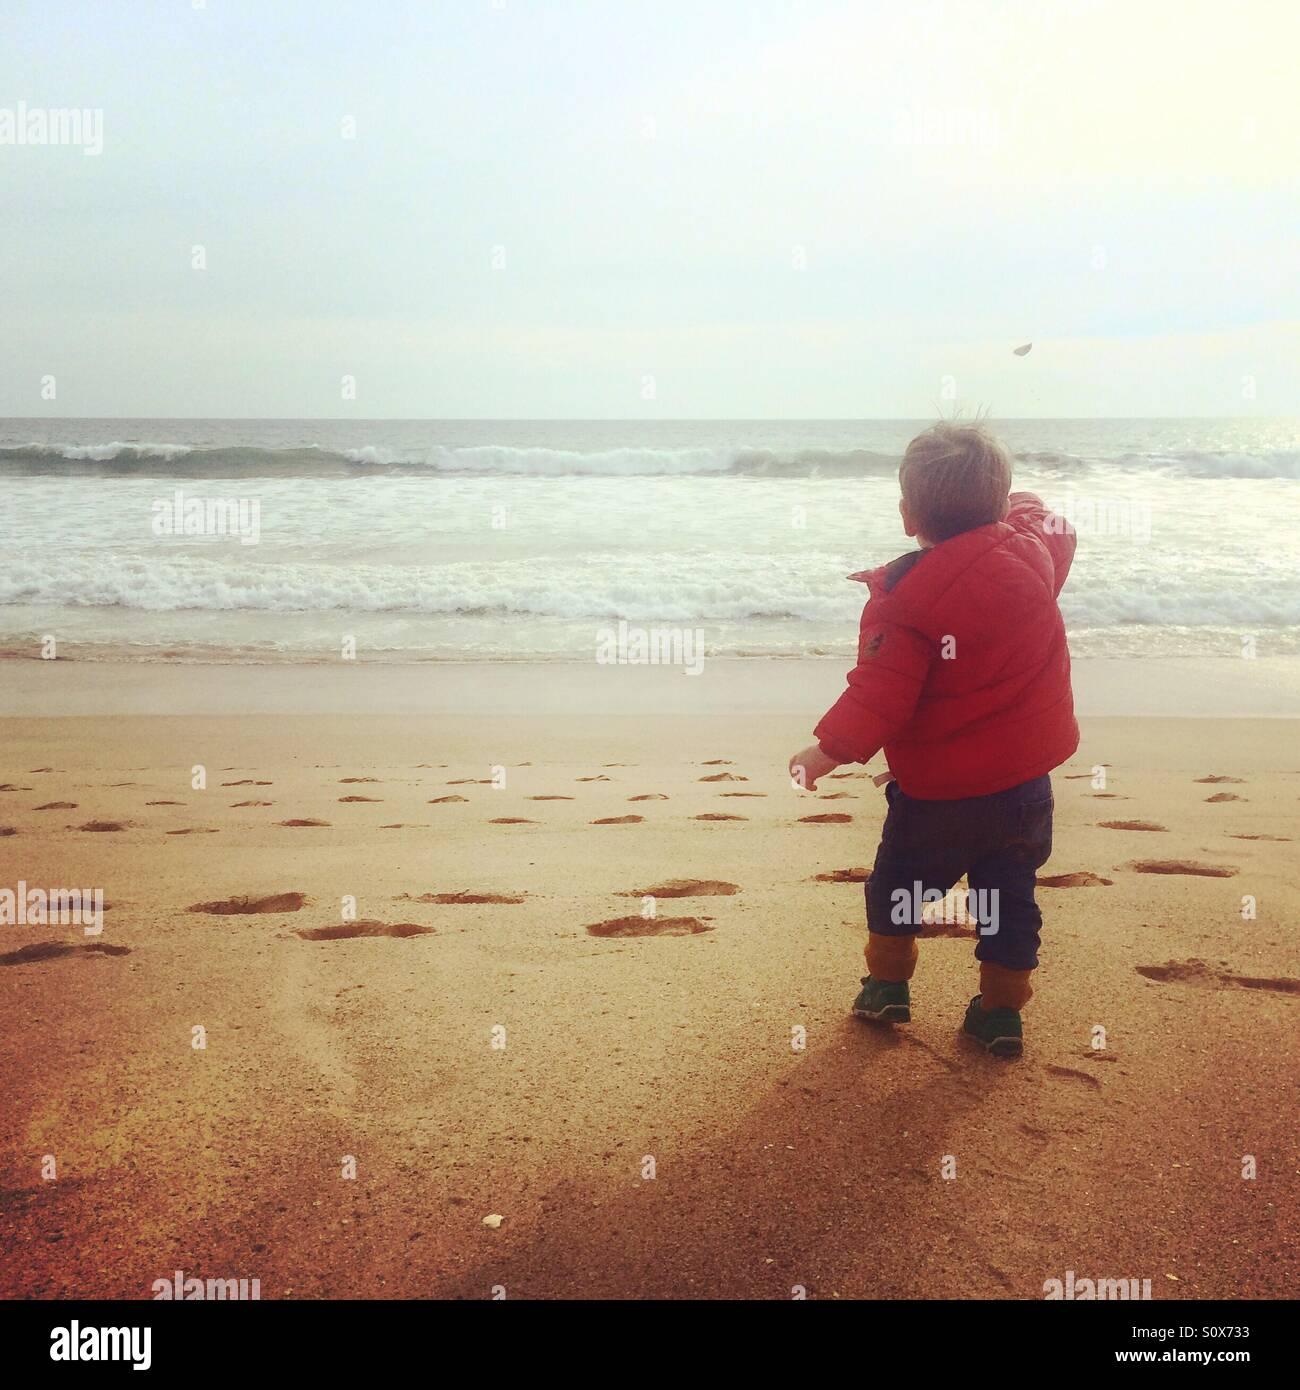 Niño arrojando piedras en el mar en Portugal, Algarve Imagen De Stock